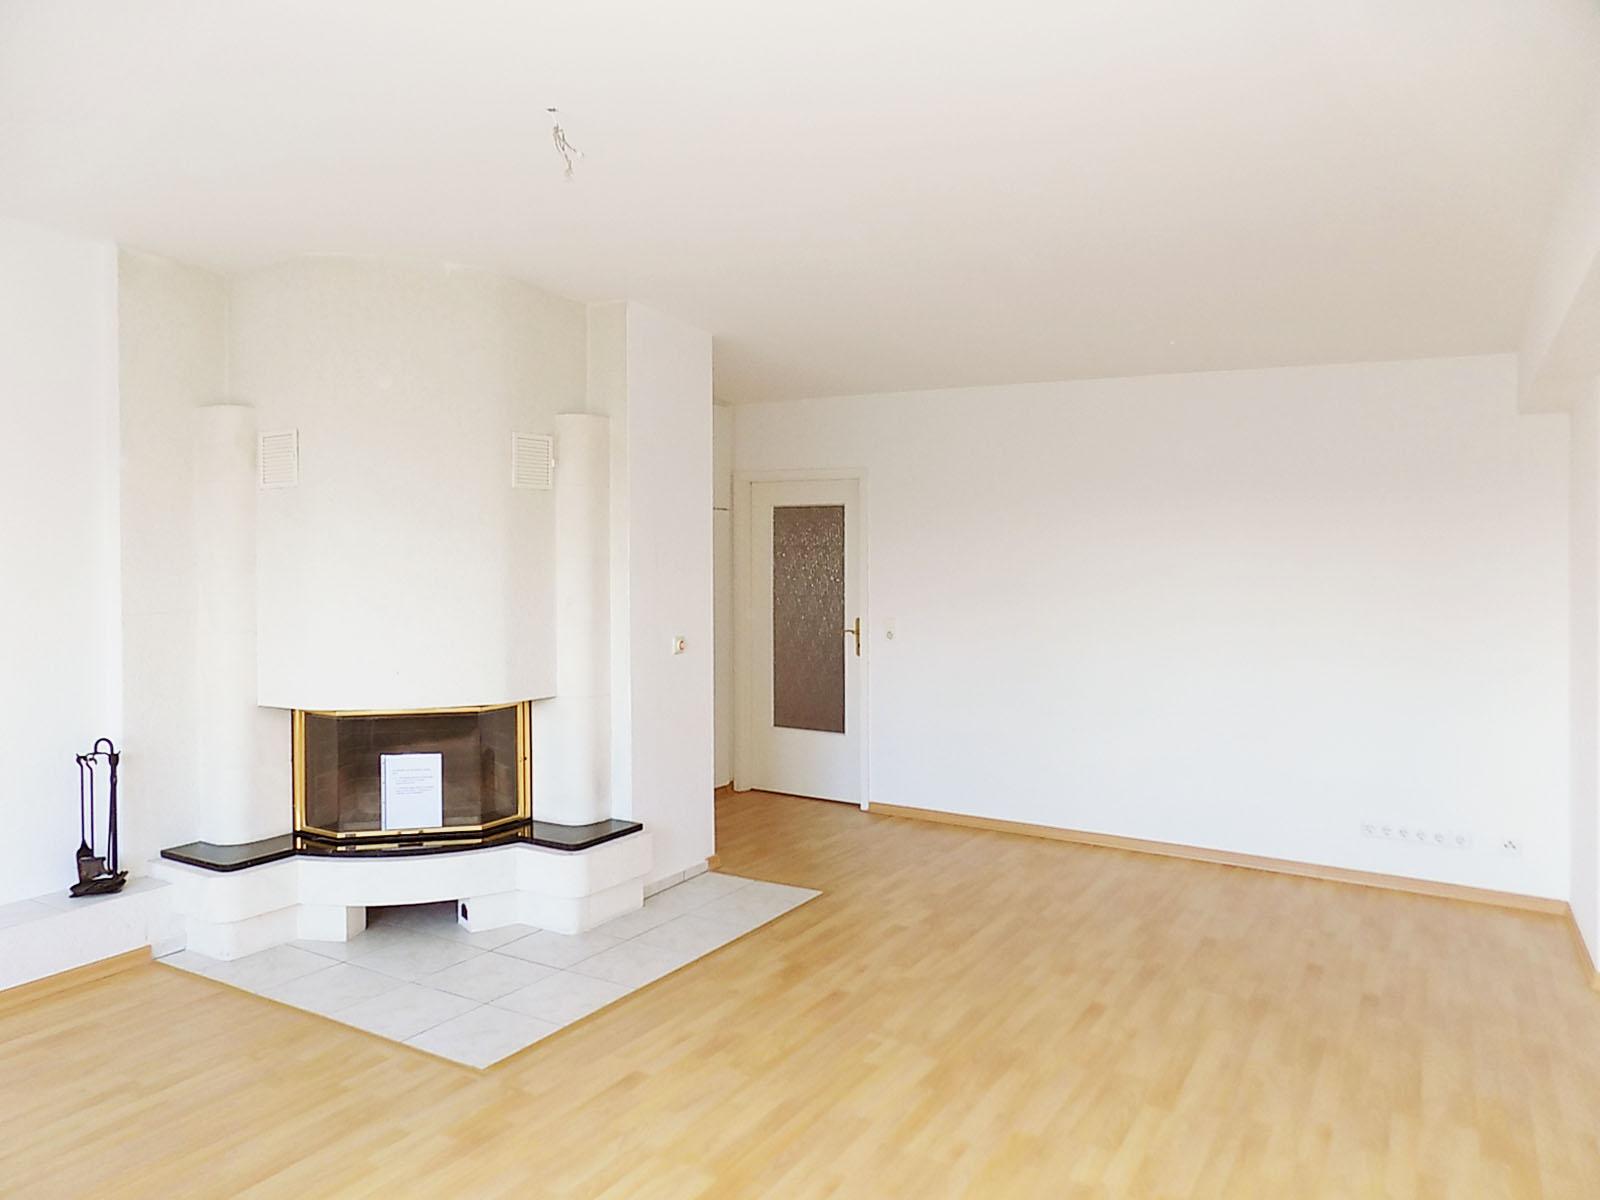 Dachgeschoss-Wohnung nahe Nollendorfplatz